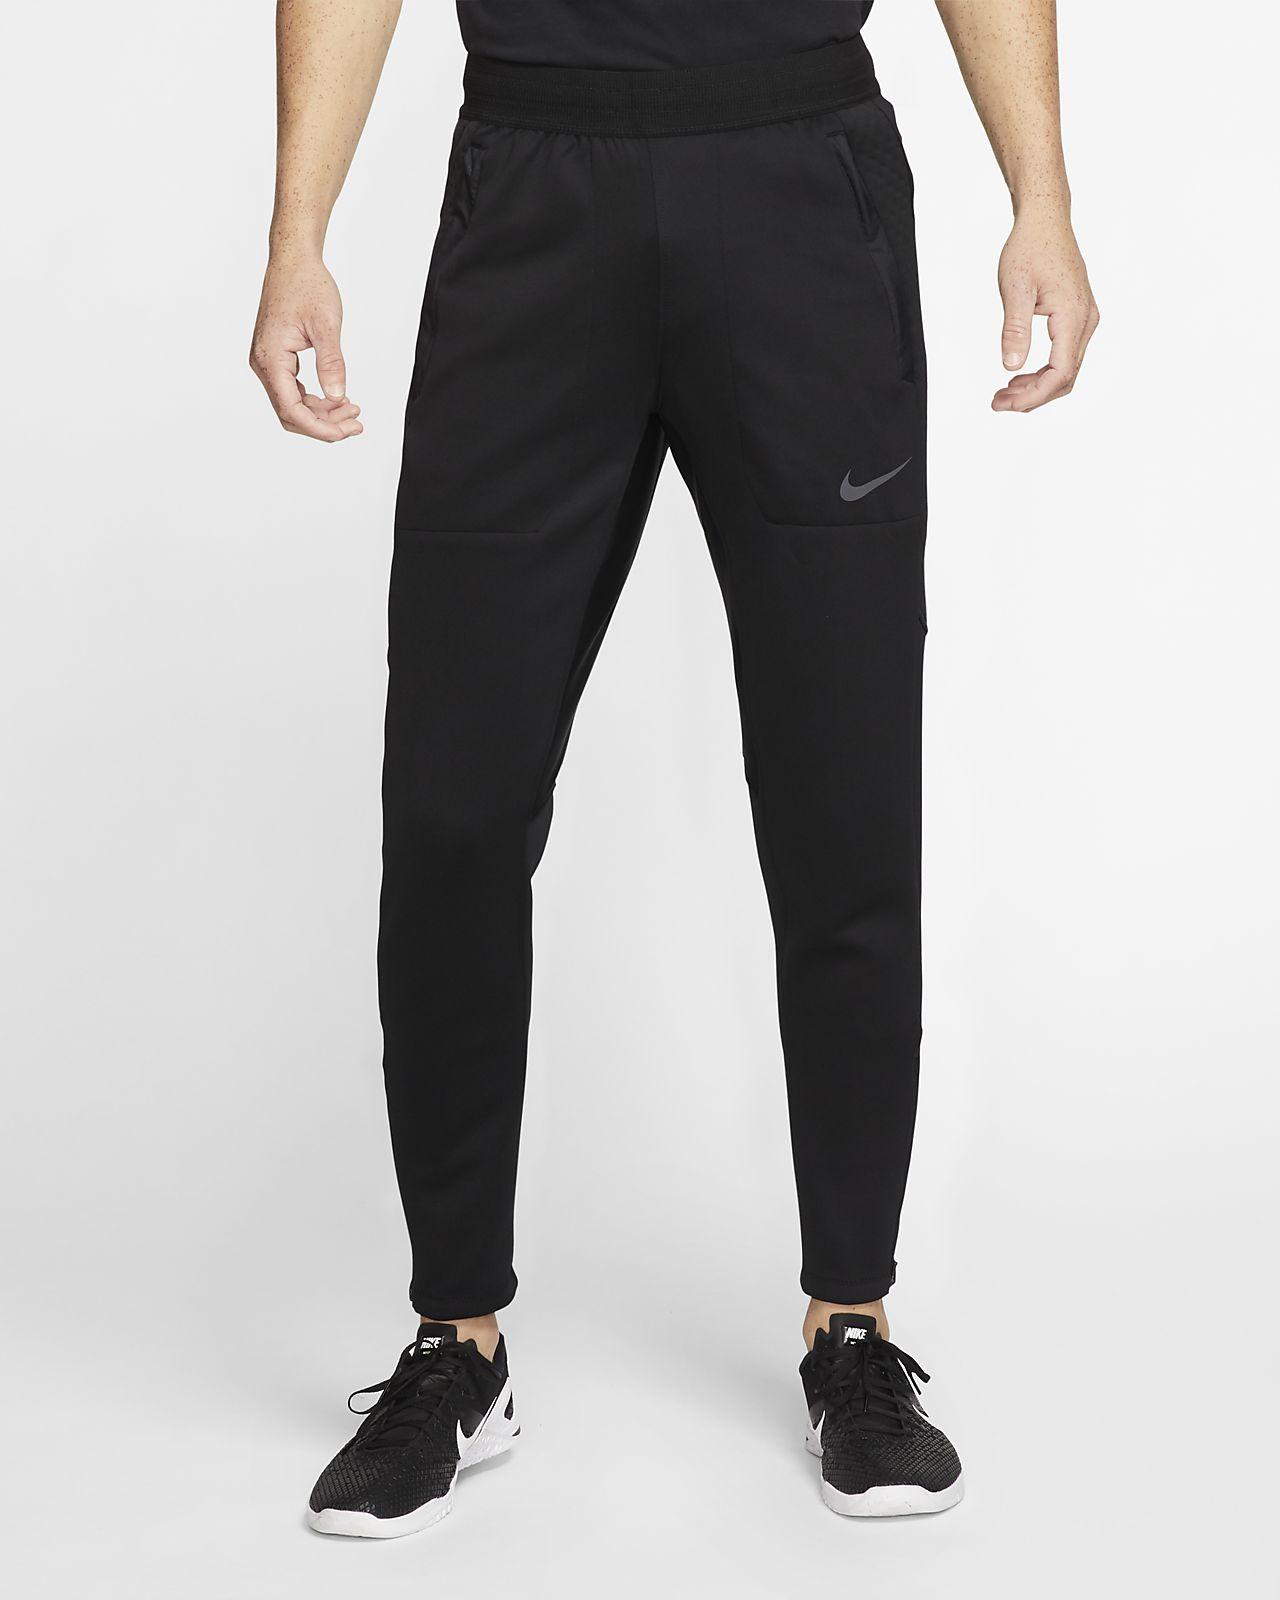 Pánské tréninkové kalhoty Nike Therma